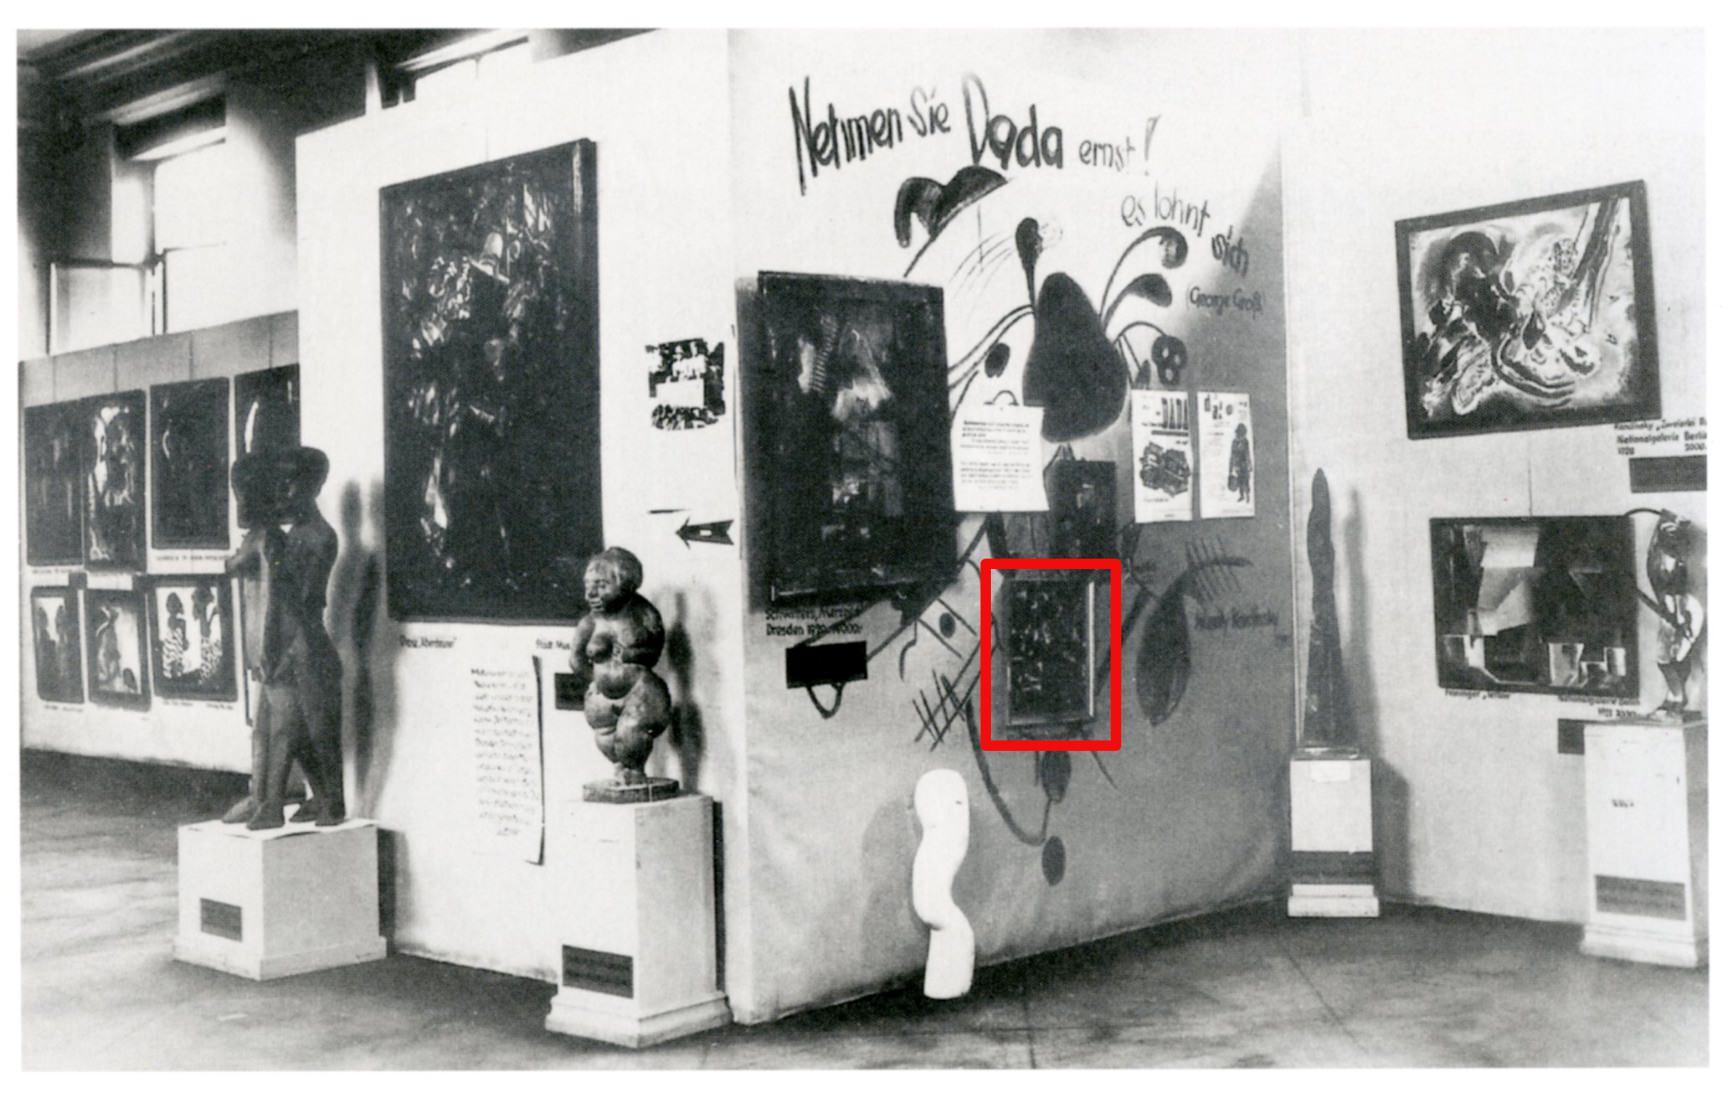 Abb. 12  Blick in Raum 3 im Obergeschoss der Ausstellung »Entartete Kunst«, München 1937, mit der sogenannten »Dada-Wand«  © Zentrum Paul Klee, Bildarchiv